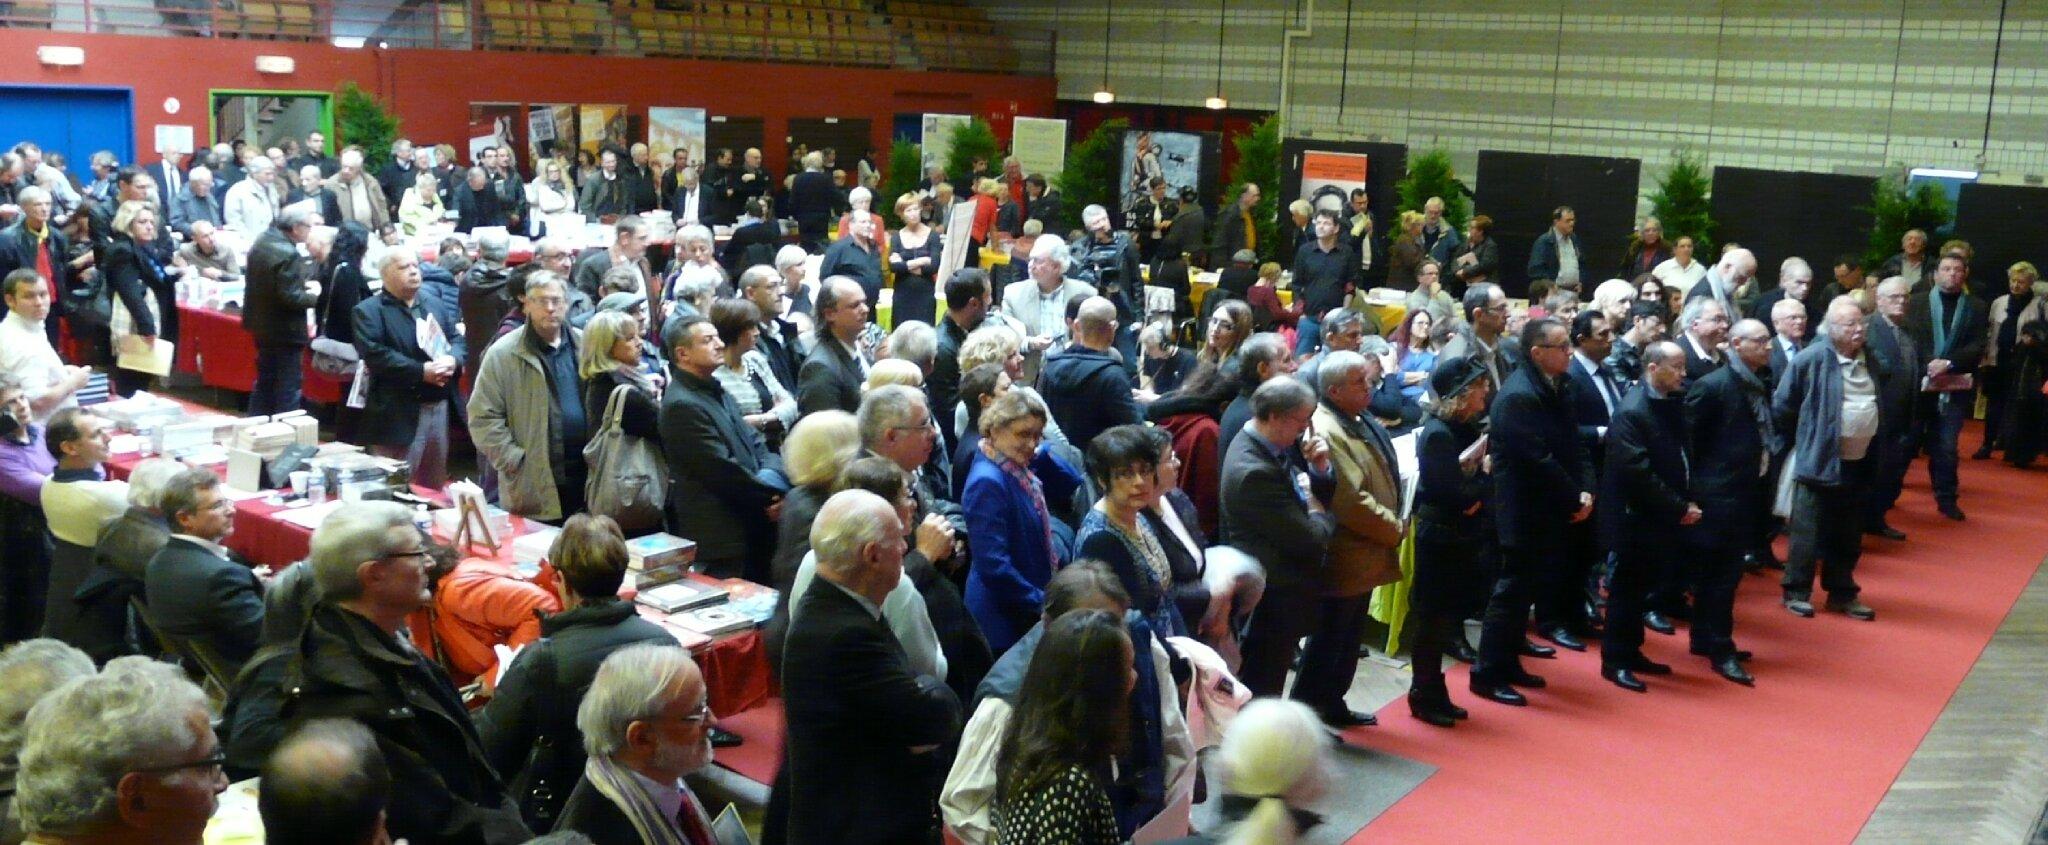 Le public lors de l'inauguration